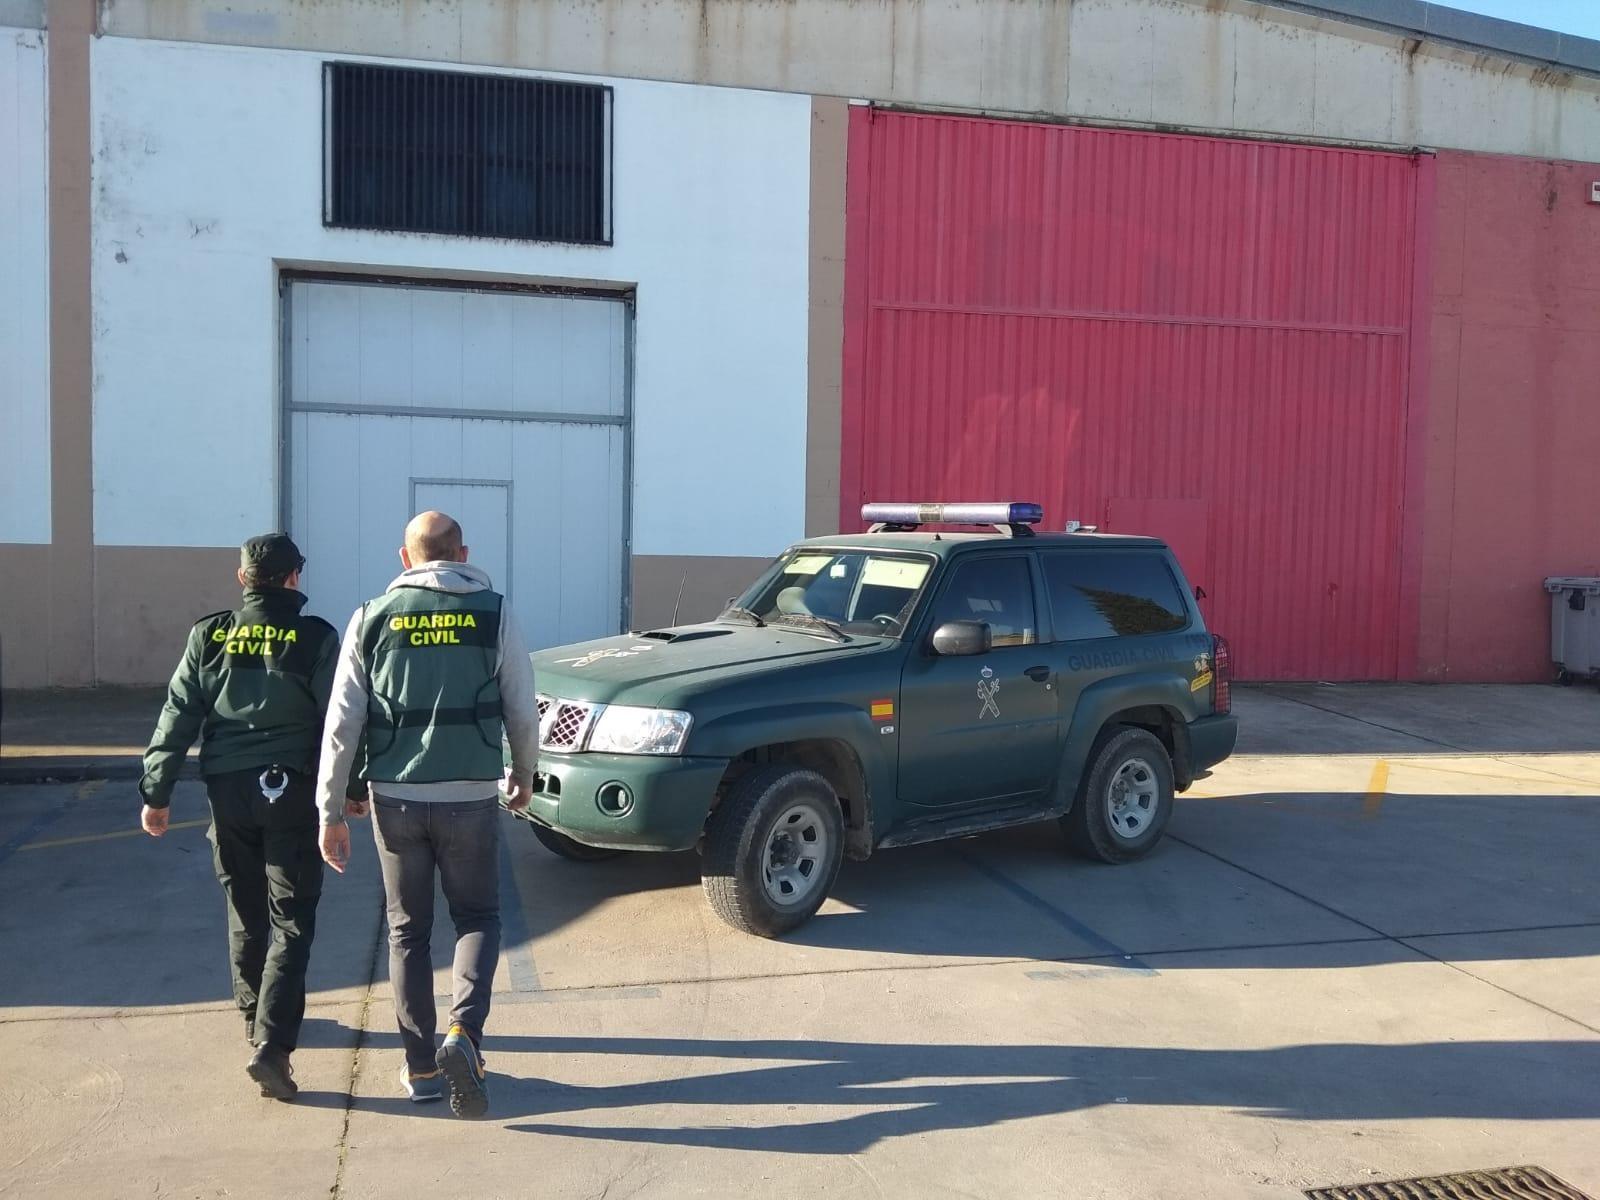 Sucesos.- La Guardia Civil detiene a un hombre por cuatro delitos de robo con violencia e intimidación en Peralta